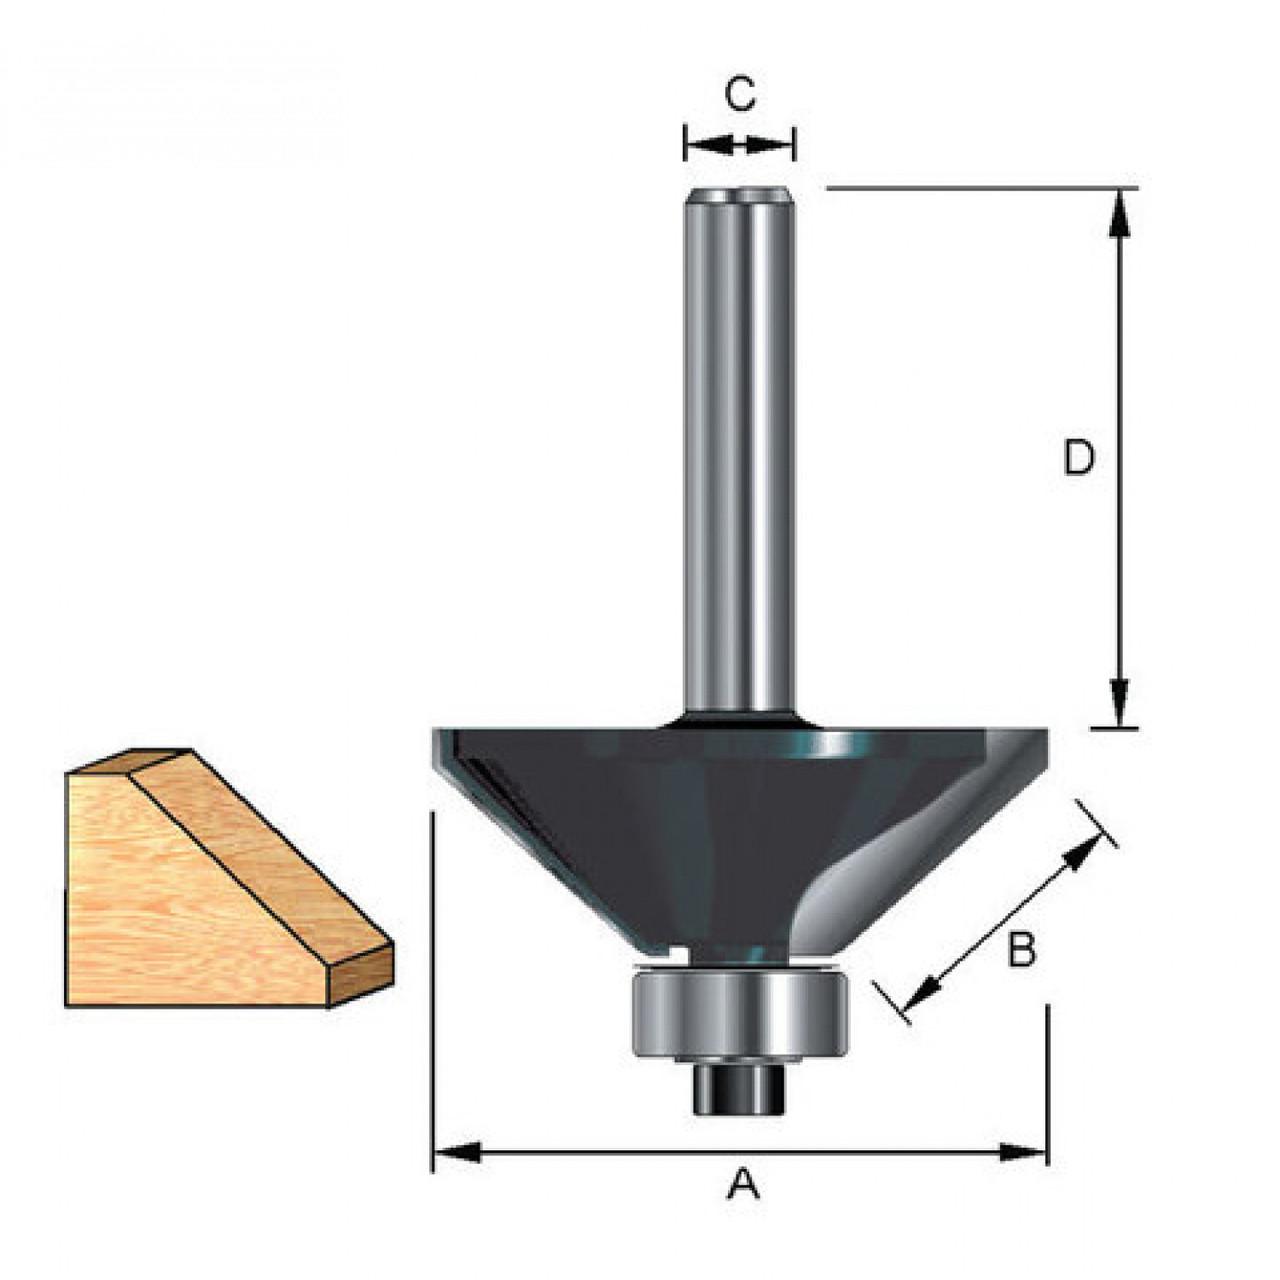 (36687) Фреза кромочная конусная с нижним подшипником, угол 45гр., DxL = 25х50 мм